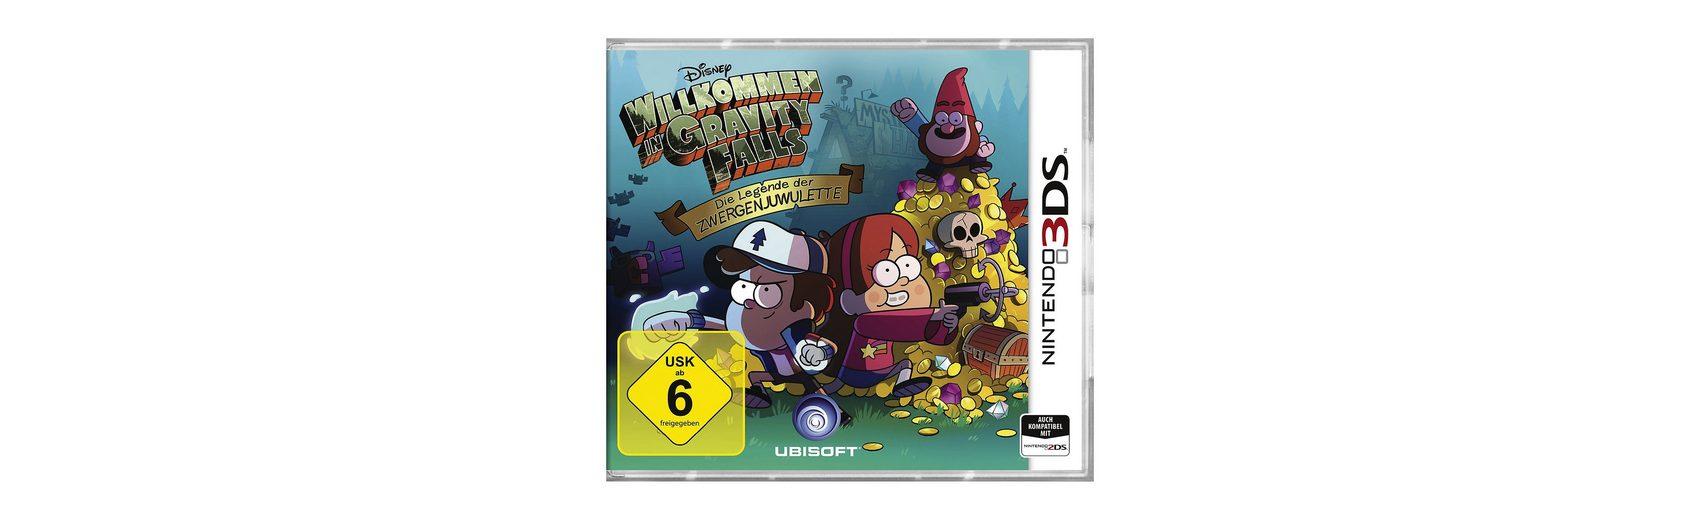 ak tronic 3DS Gravity Falls